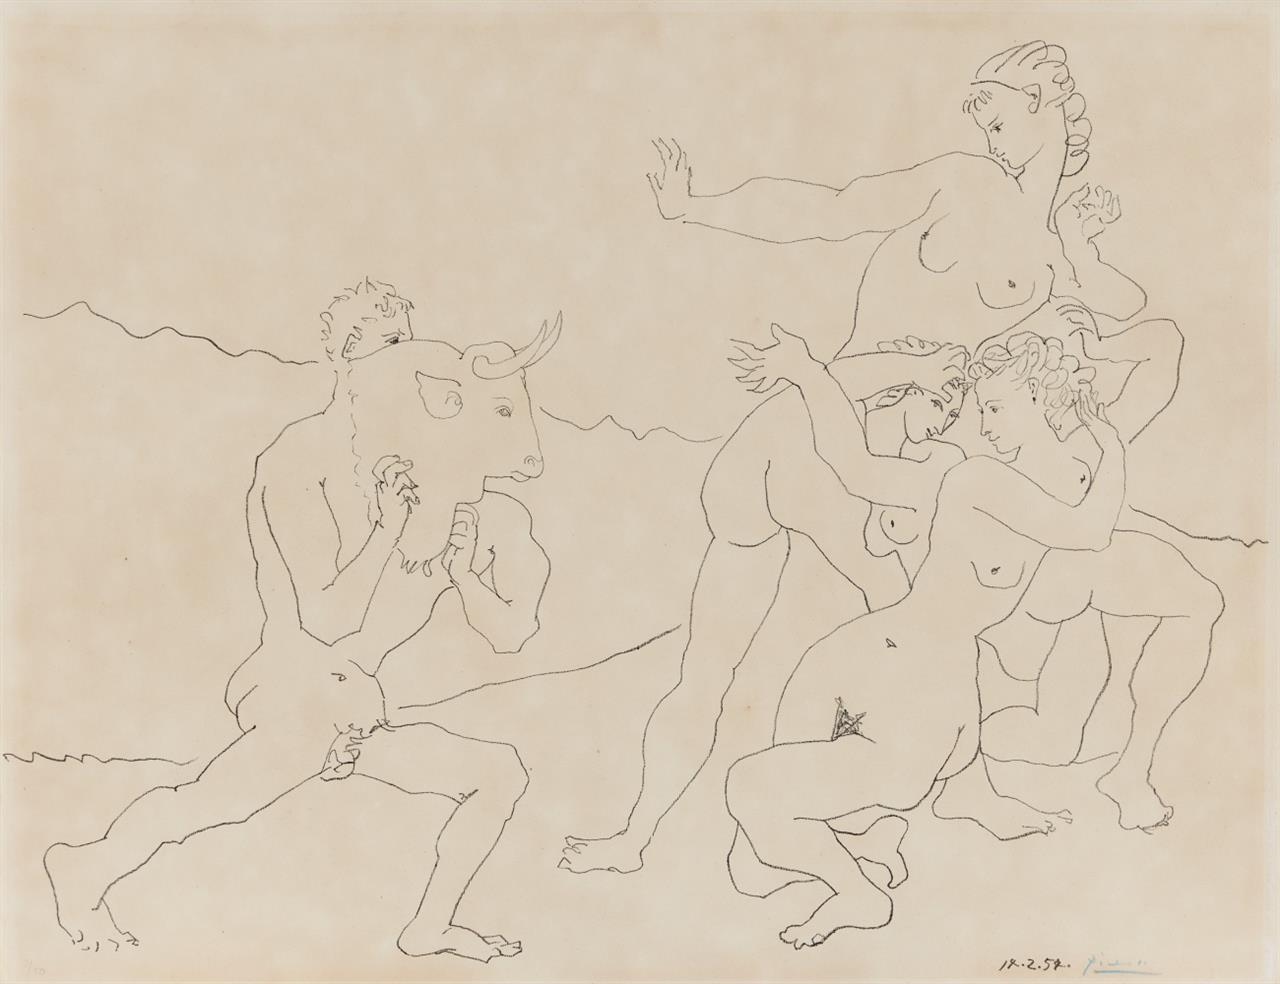 Pablo Picasso. Le jeu du Taureau. 1954. Lithographie. Signiert. B. 751.